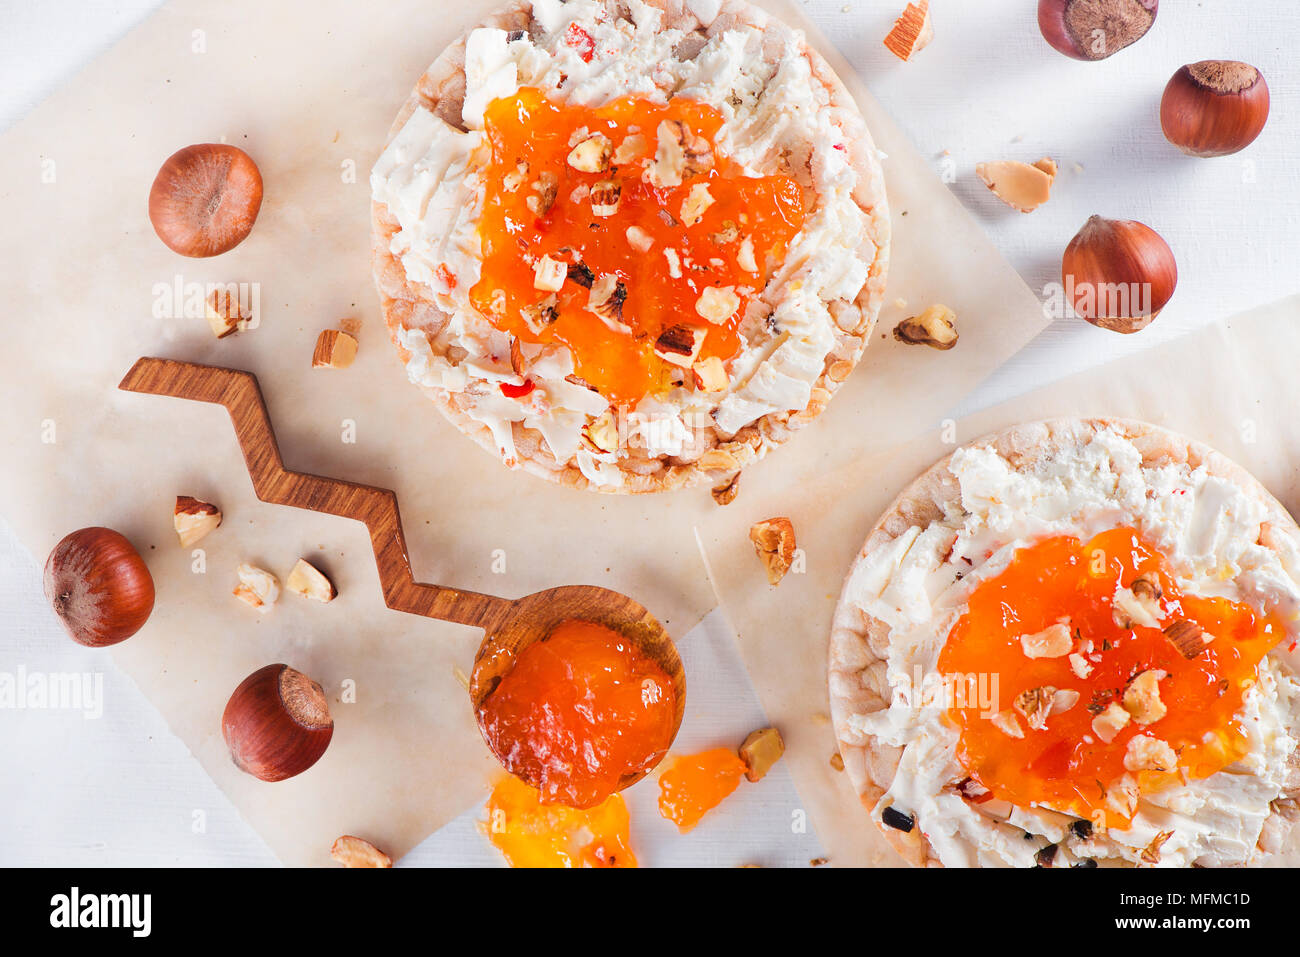 Snack crujiente pan con queso Feta, mermelada de albaricoque y avellana. Fácil desayuno de cerca en un fondo blanco con espacio de copia. Imagen De Stock